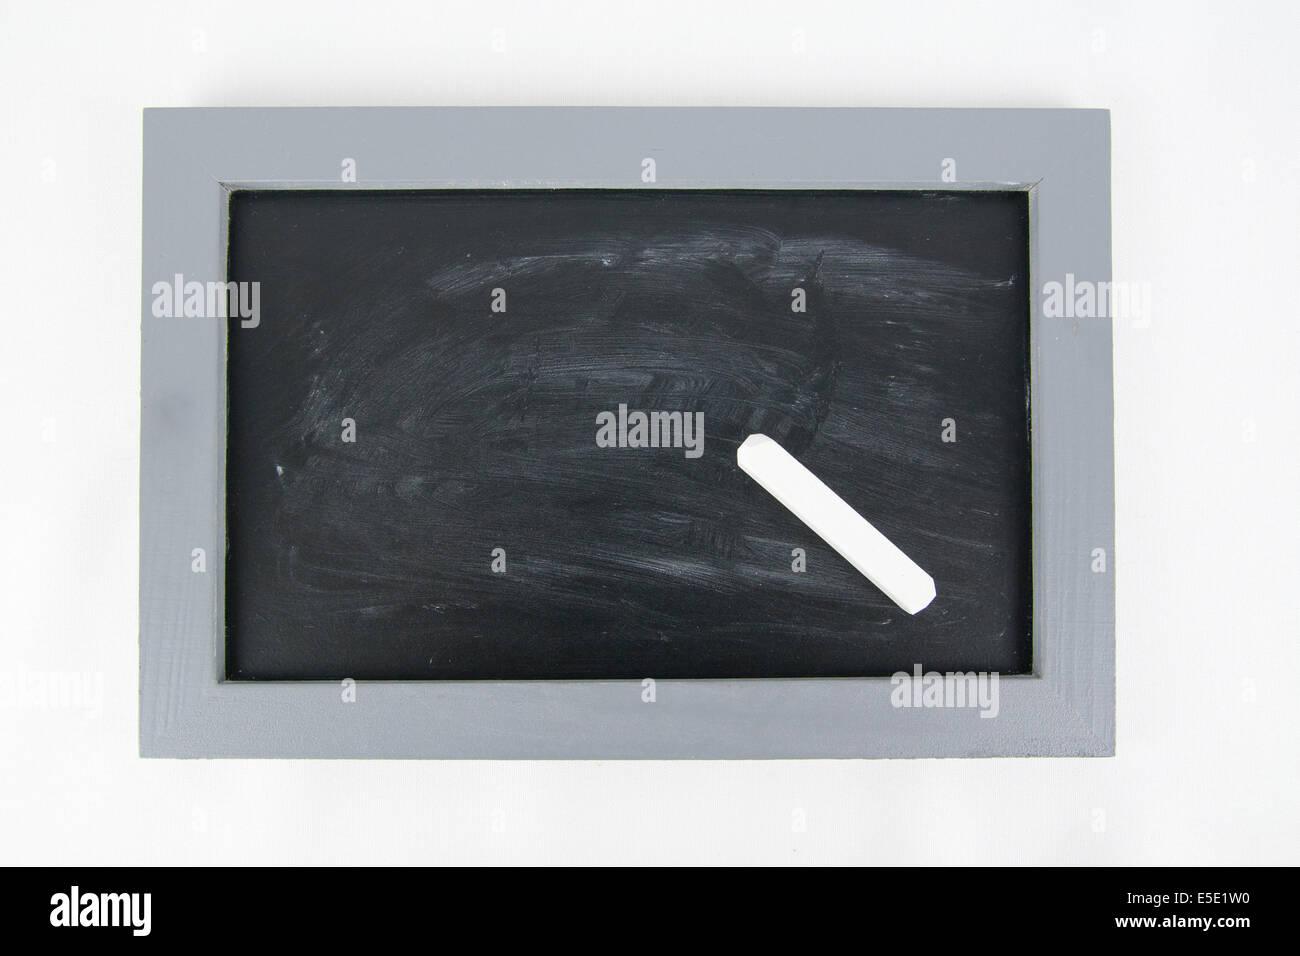 Tafel Kreide leer leere Schiefer Schiefertafel gruen schwarz weiss ...